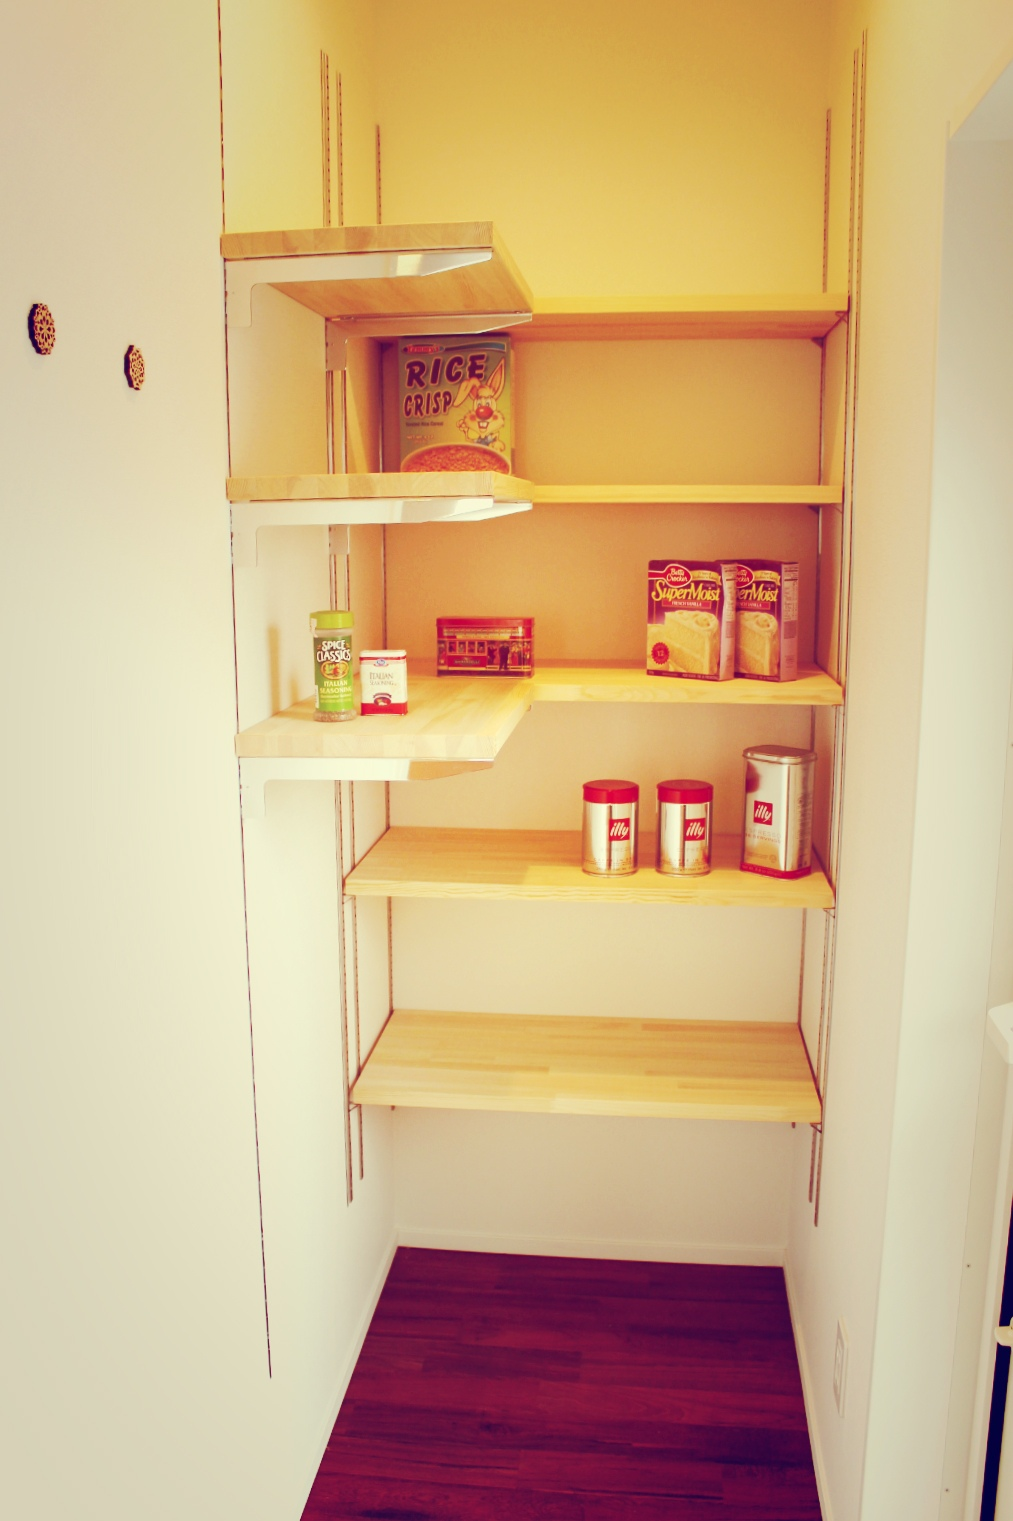 パントリー食品庫 画像 新潟市のセレクトハウス施工